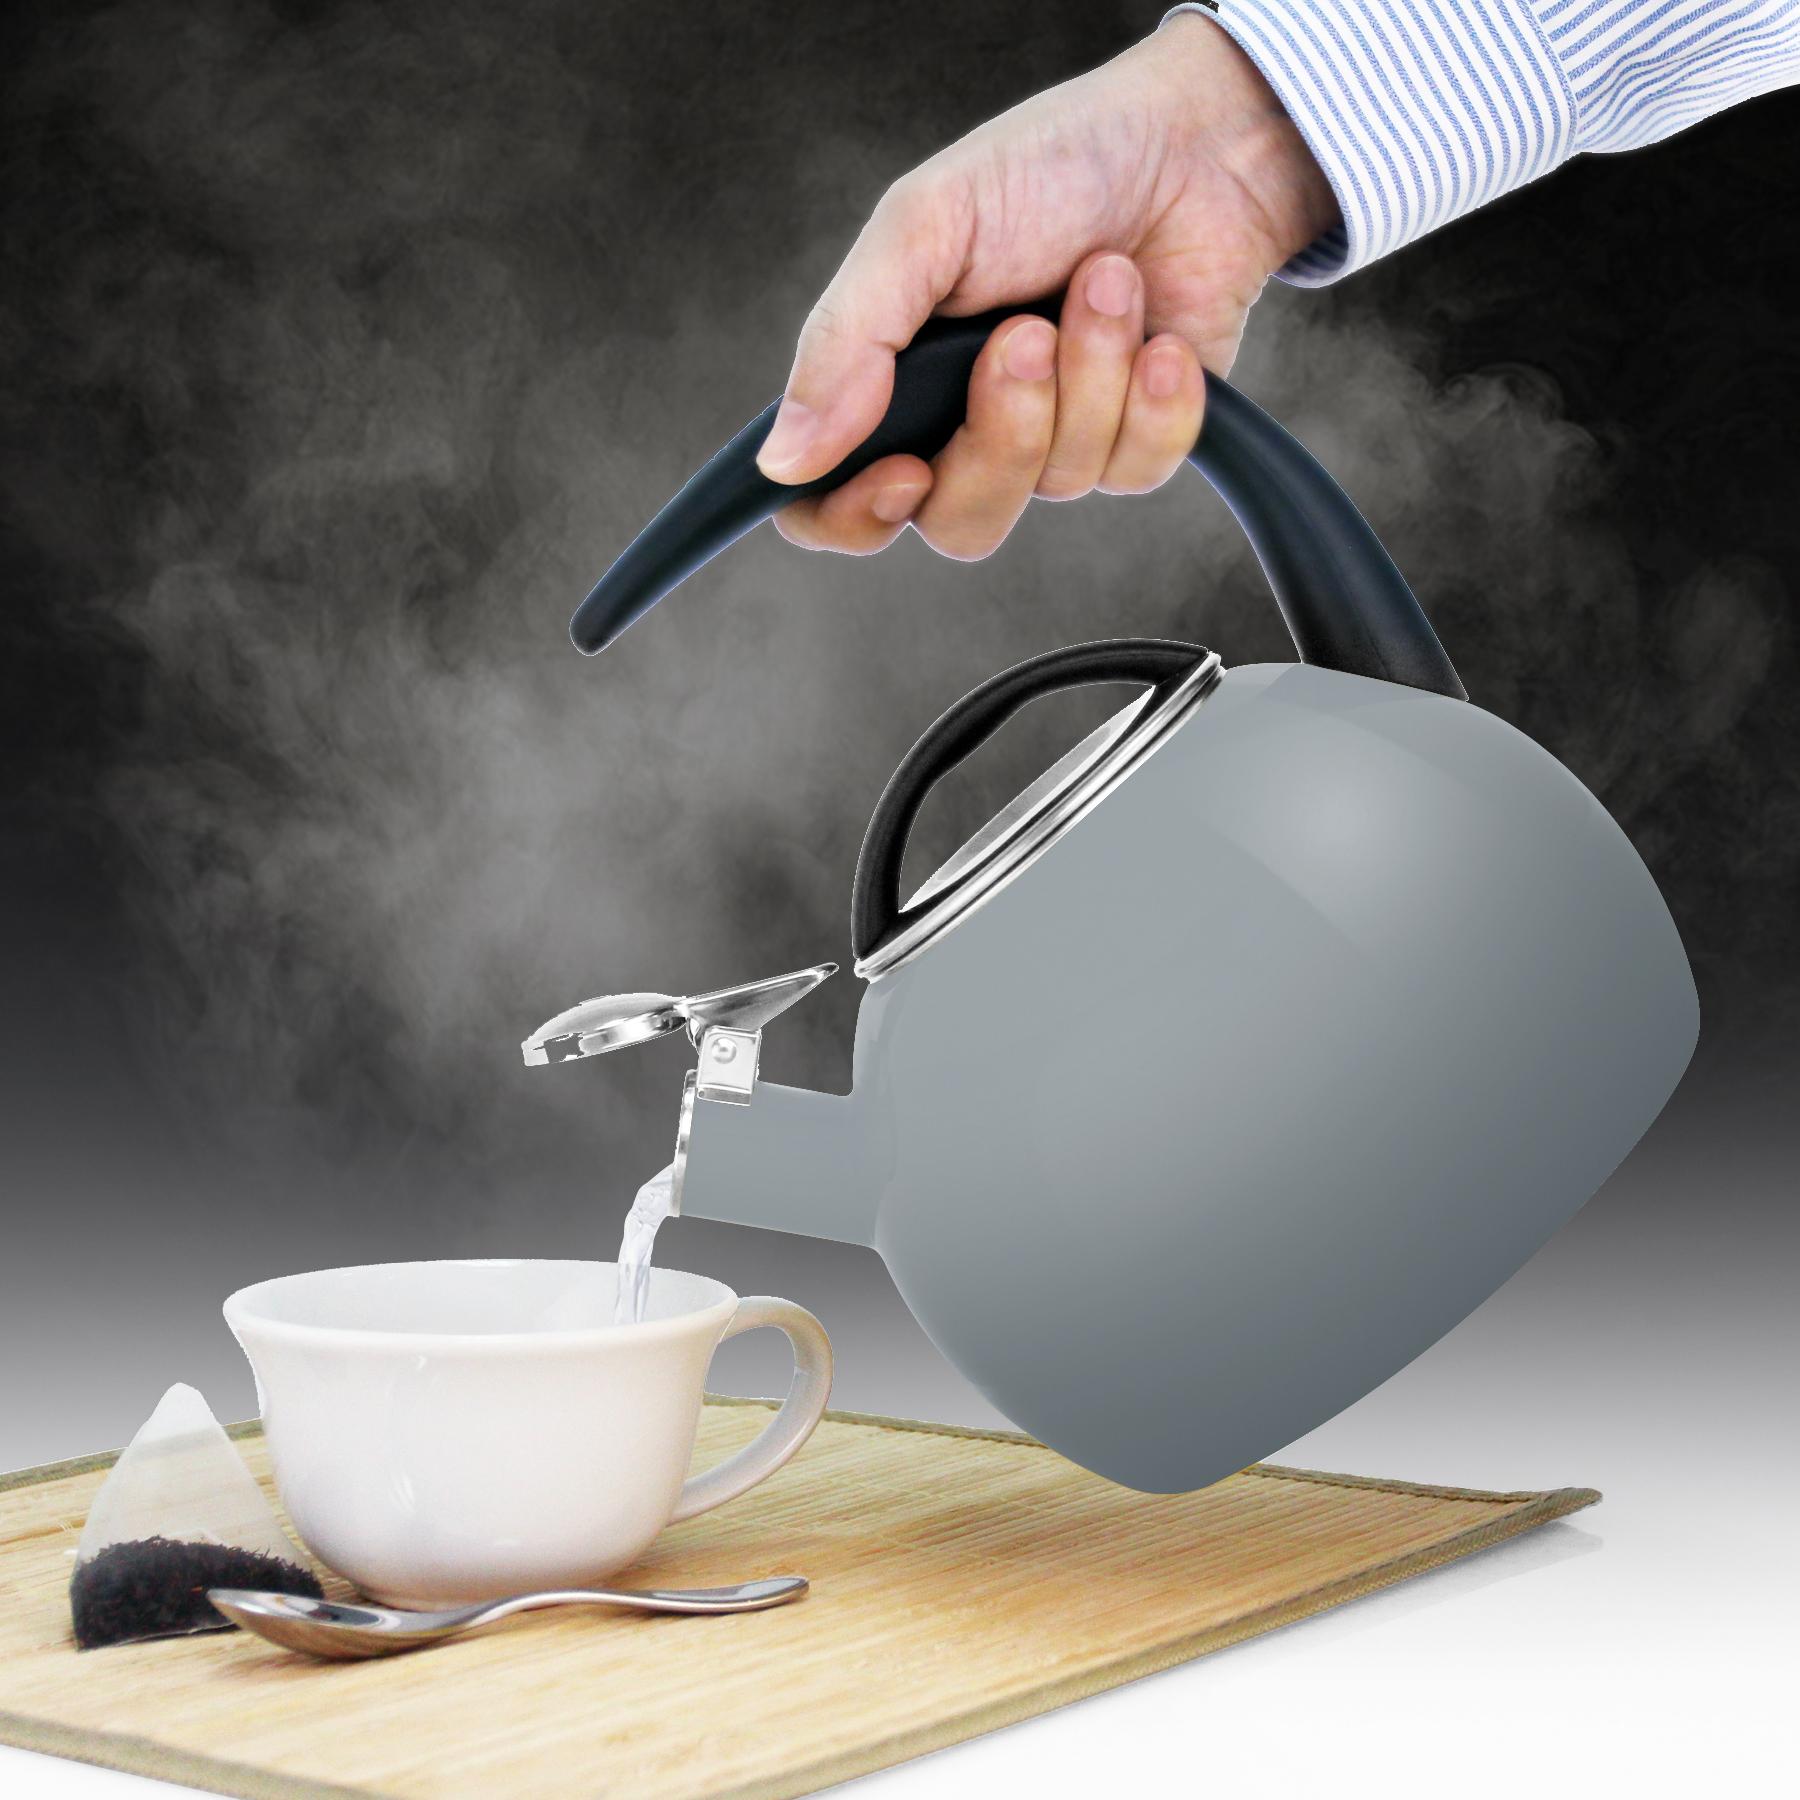 """enamel on steel heath grey teakettle premium """"boiler"""" interior enamel 2 quart capacity ombre fade grey color in action"""